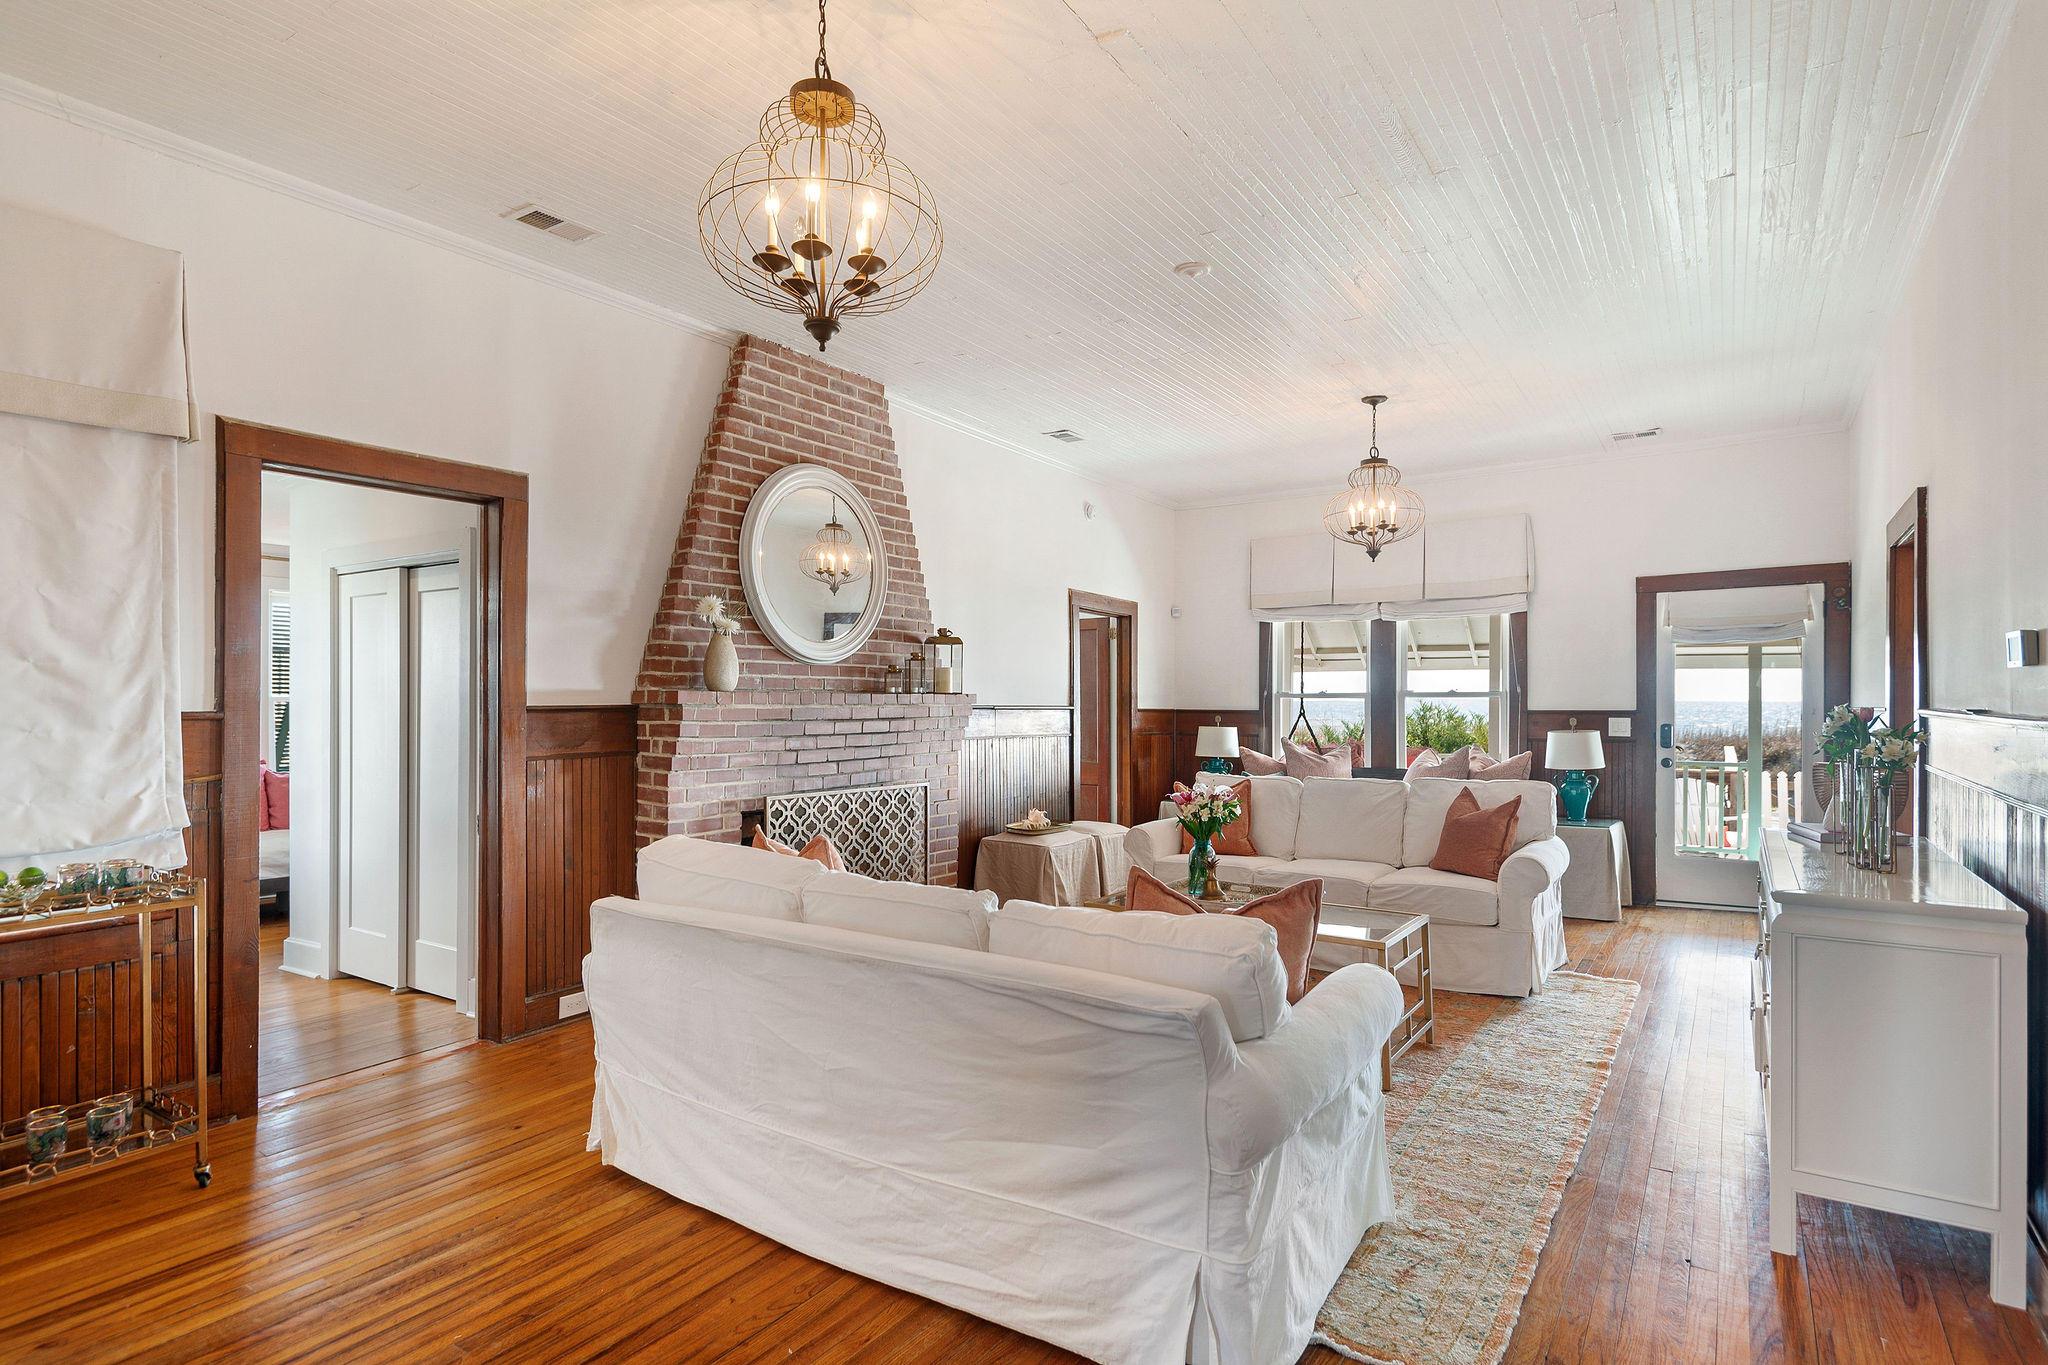 Folly Beach Homes For Sale - 509 Ashley, Folly Beach, SC - 31